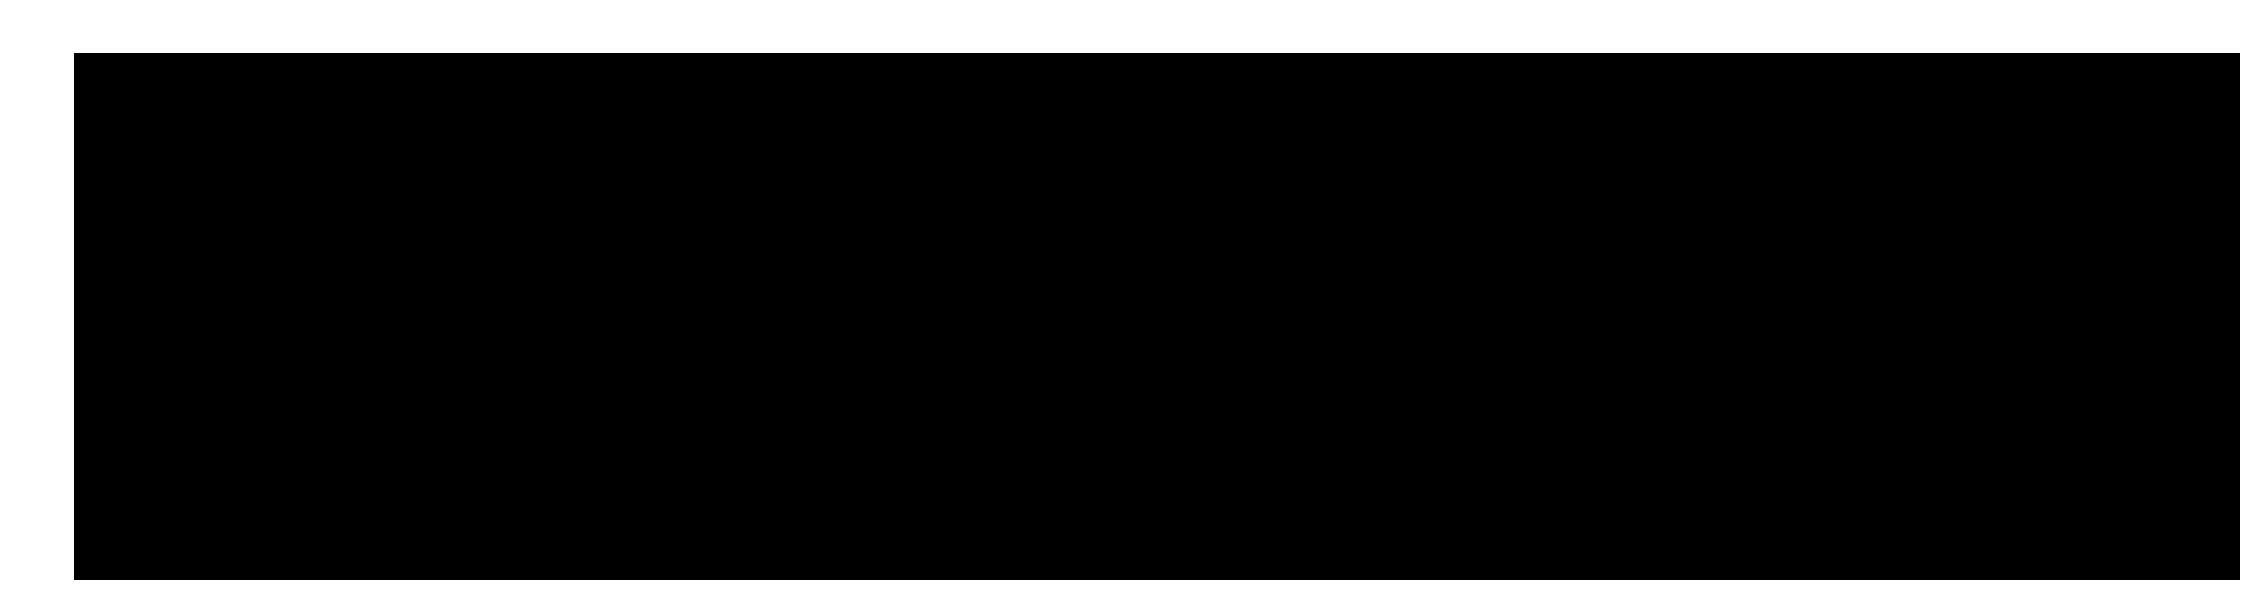 SitonVintage